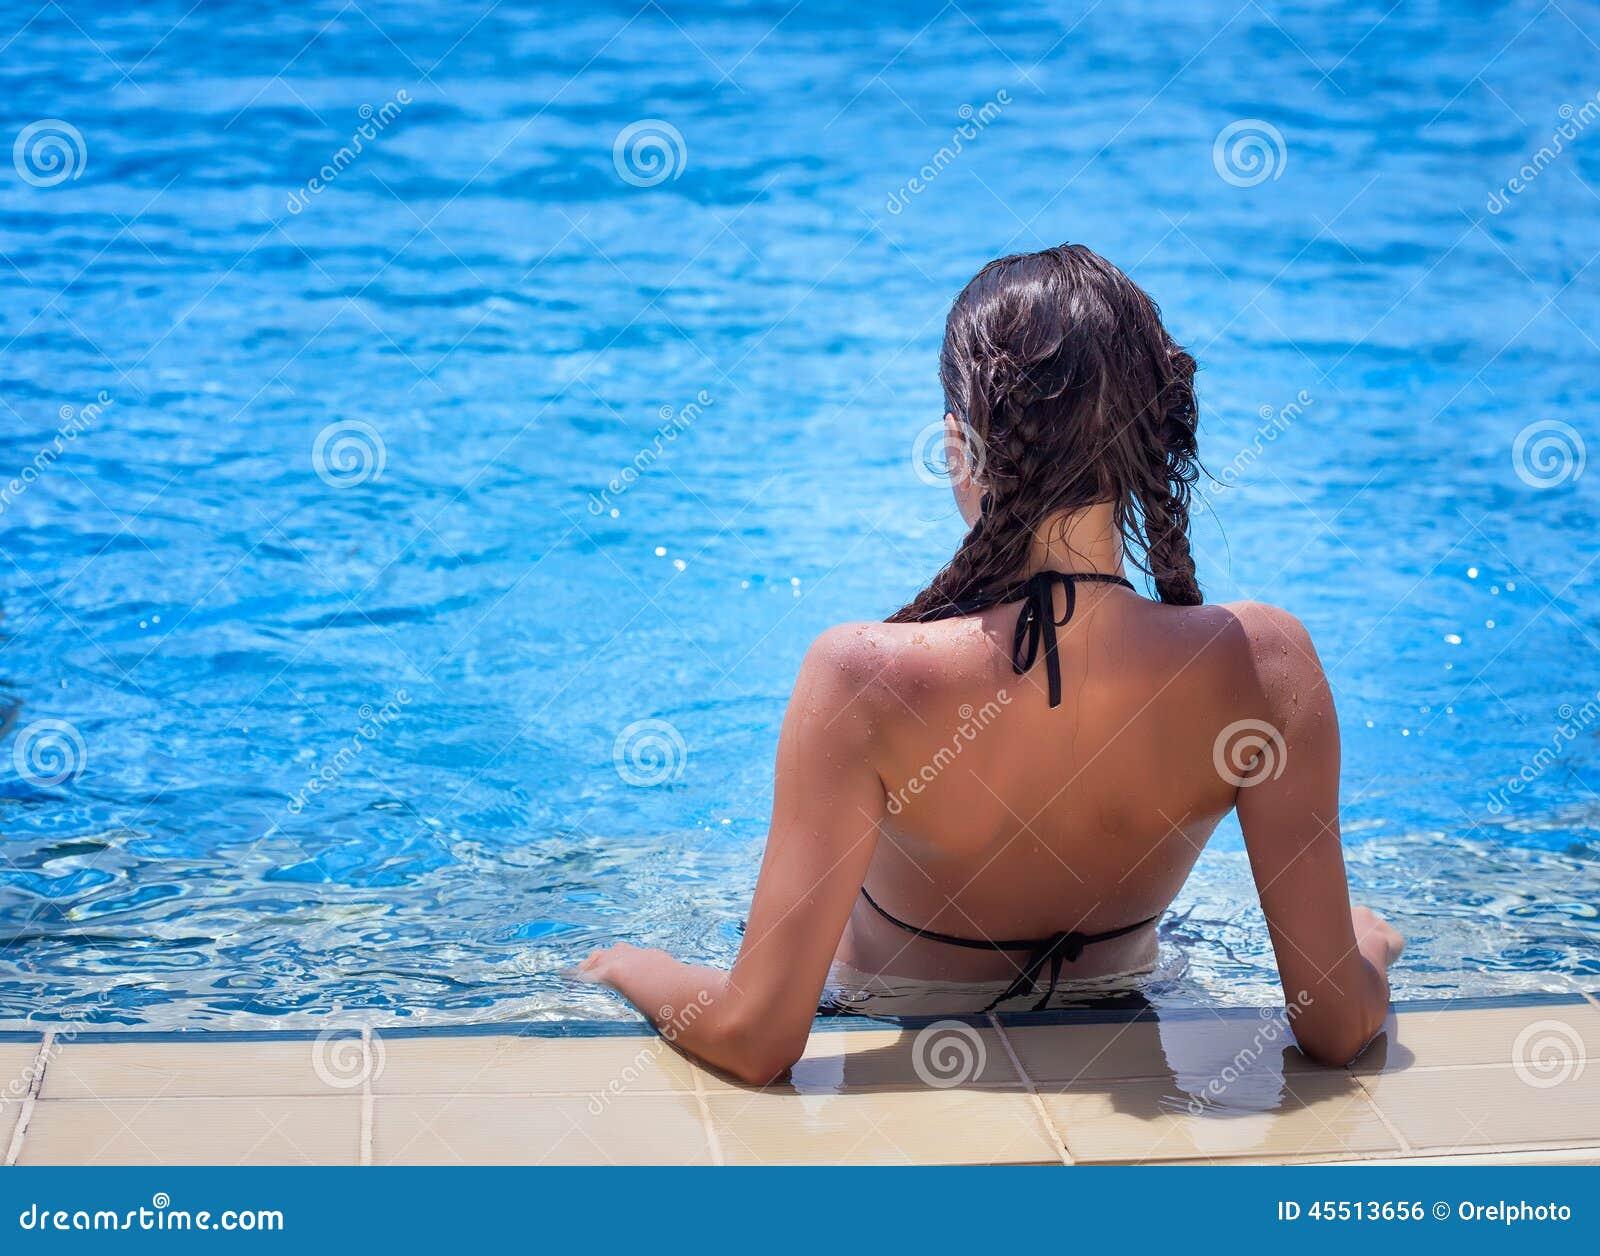 Kobieta jest relaksująca w pływackim basenie